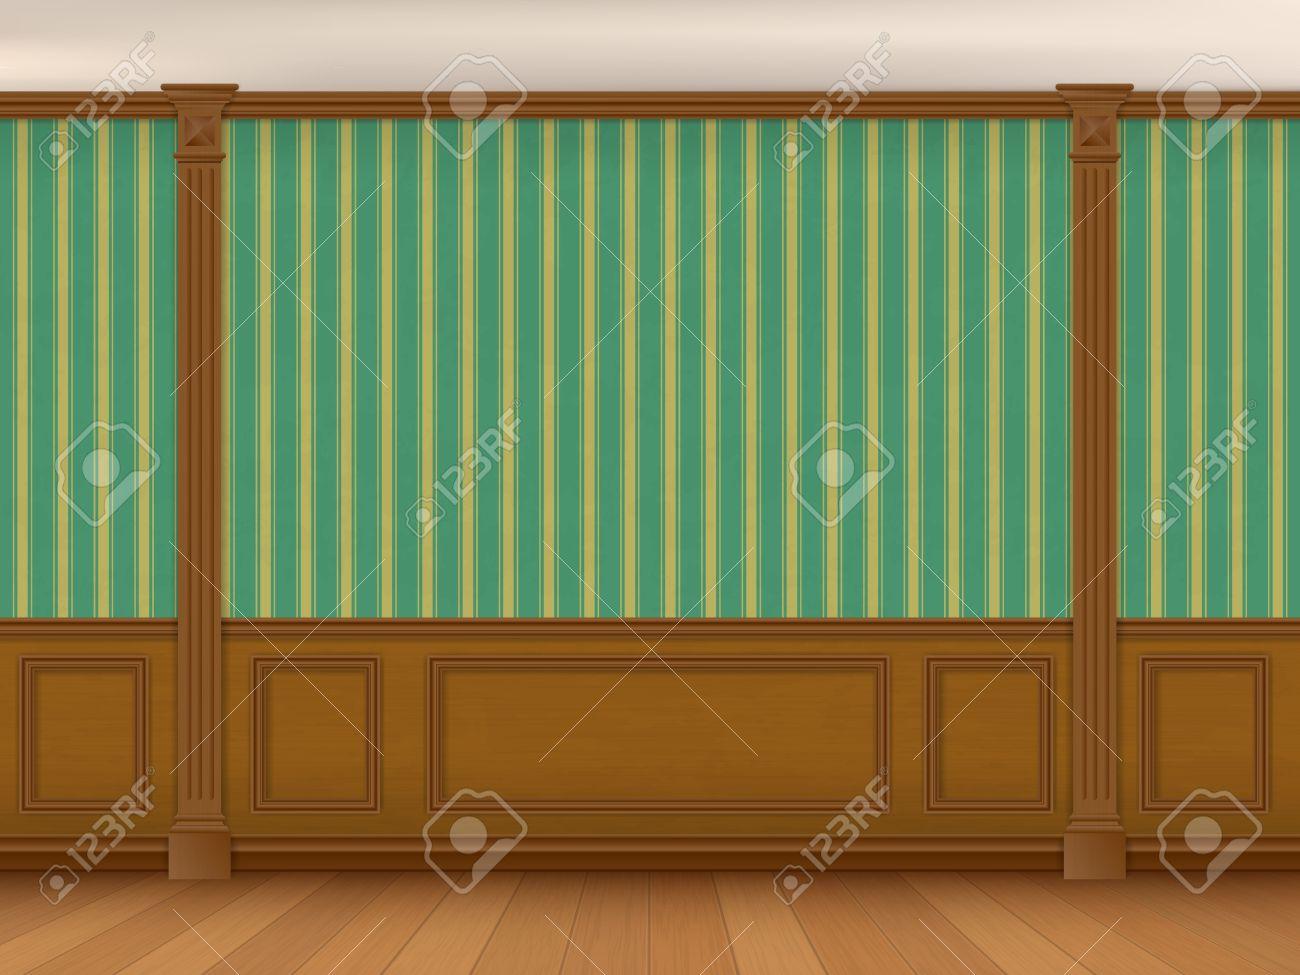 Fragment Des Nutzraum Im Klassischen Stil. Wand Mit Grün Gestreiften  Tapeten, Holzverkleidungen Und Pilaster